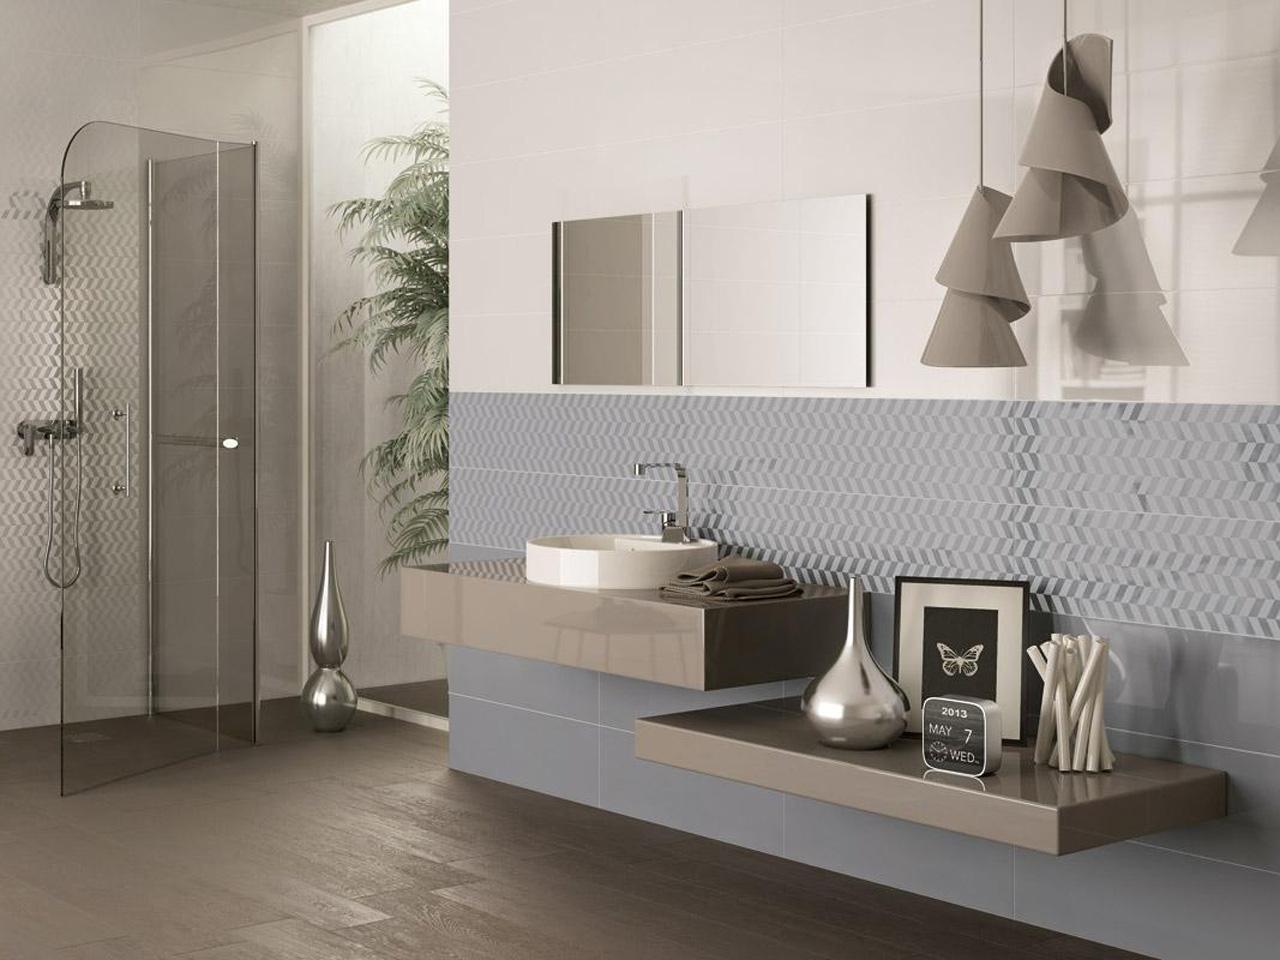 Bagnoidea  prodotti e tendenze per arredare il bagno